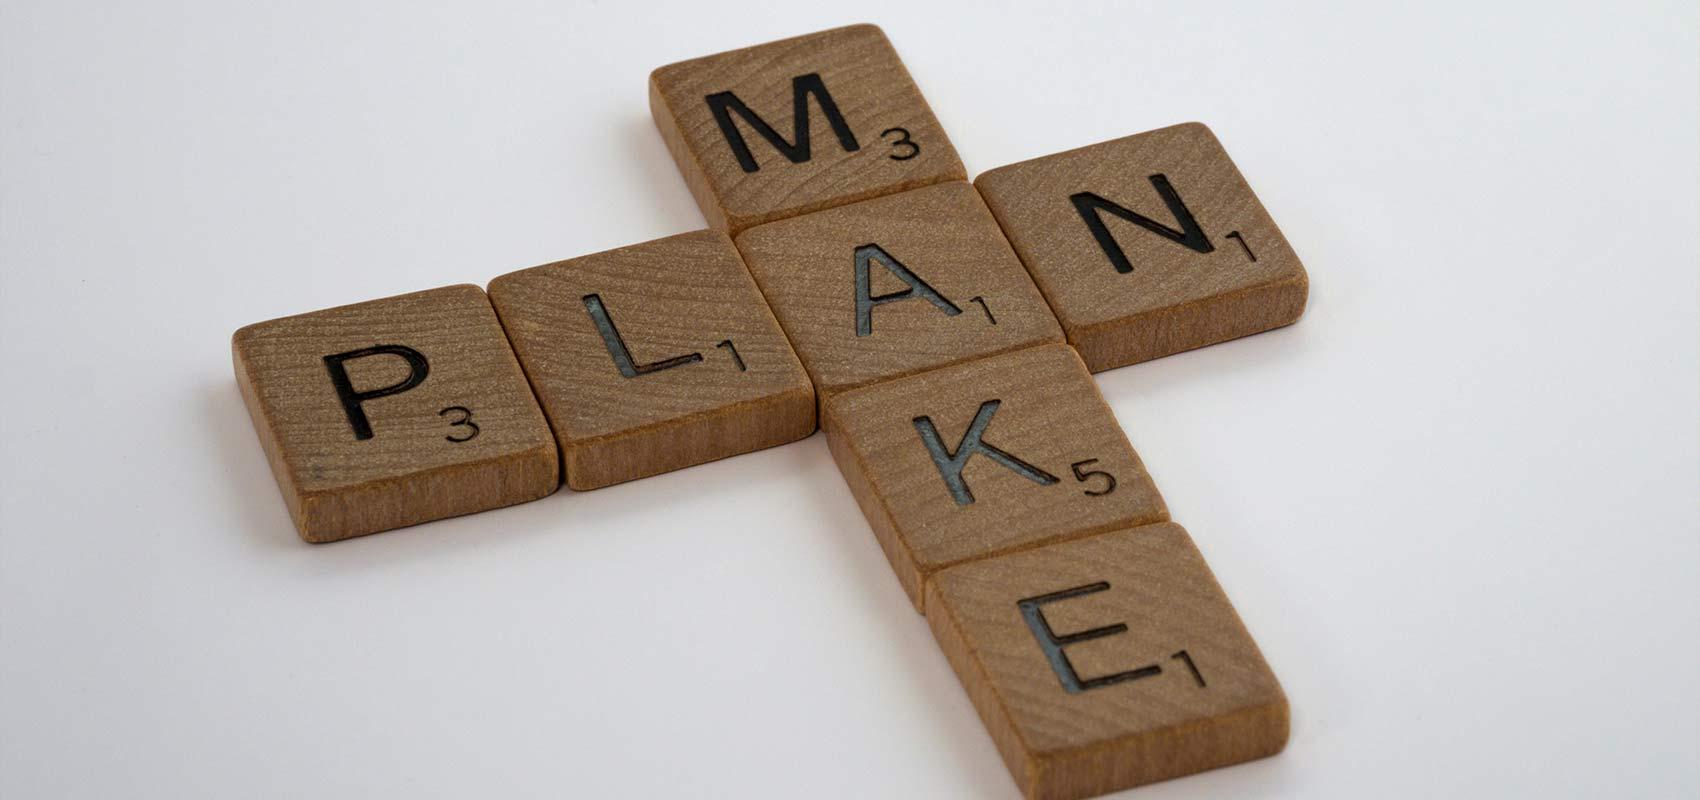 fiabilité - make a plan